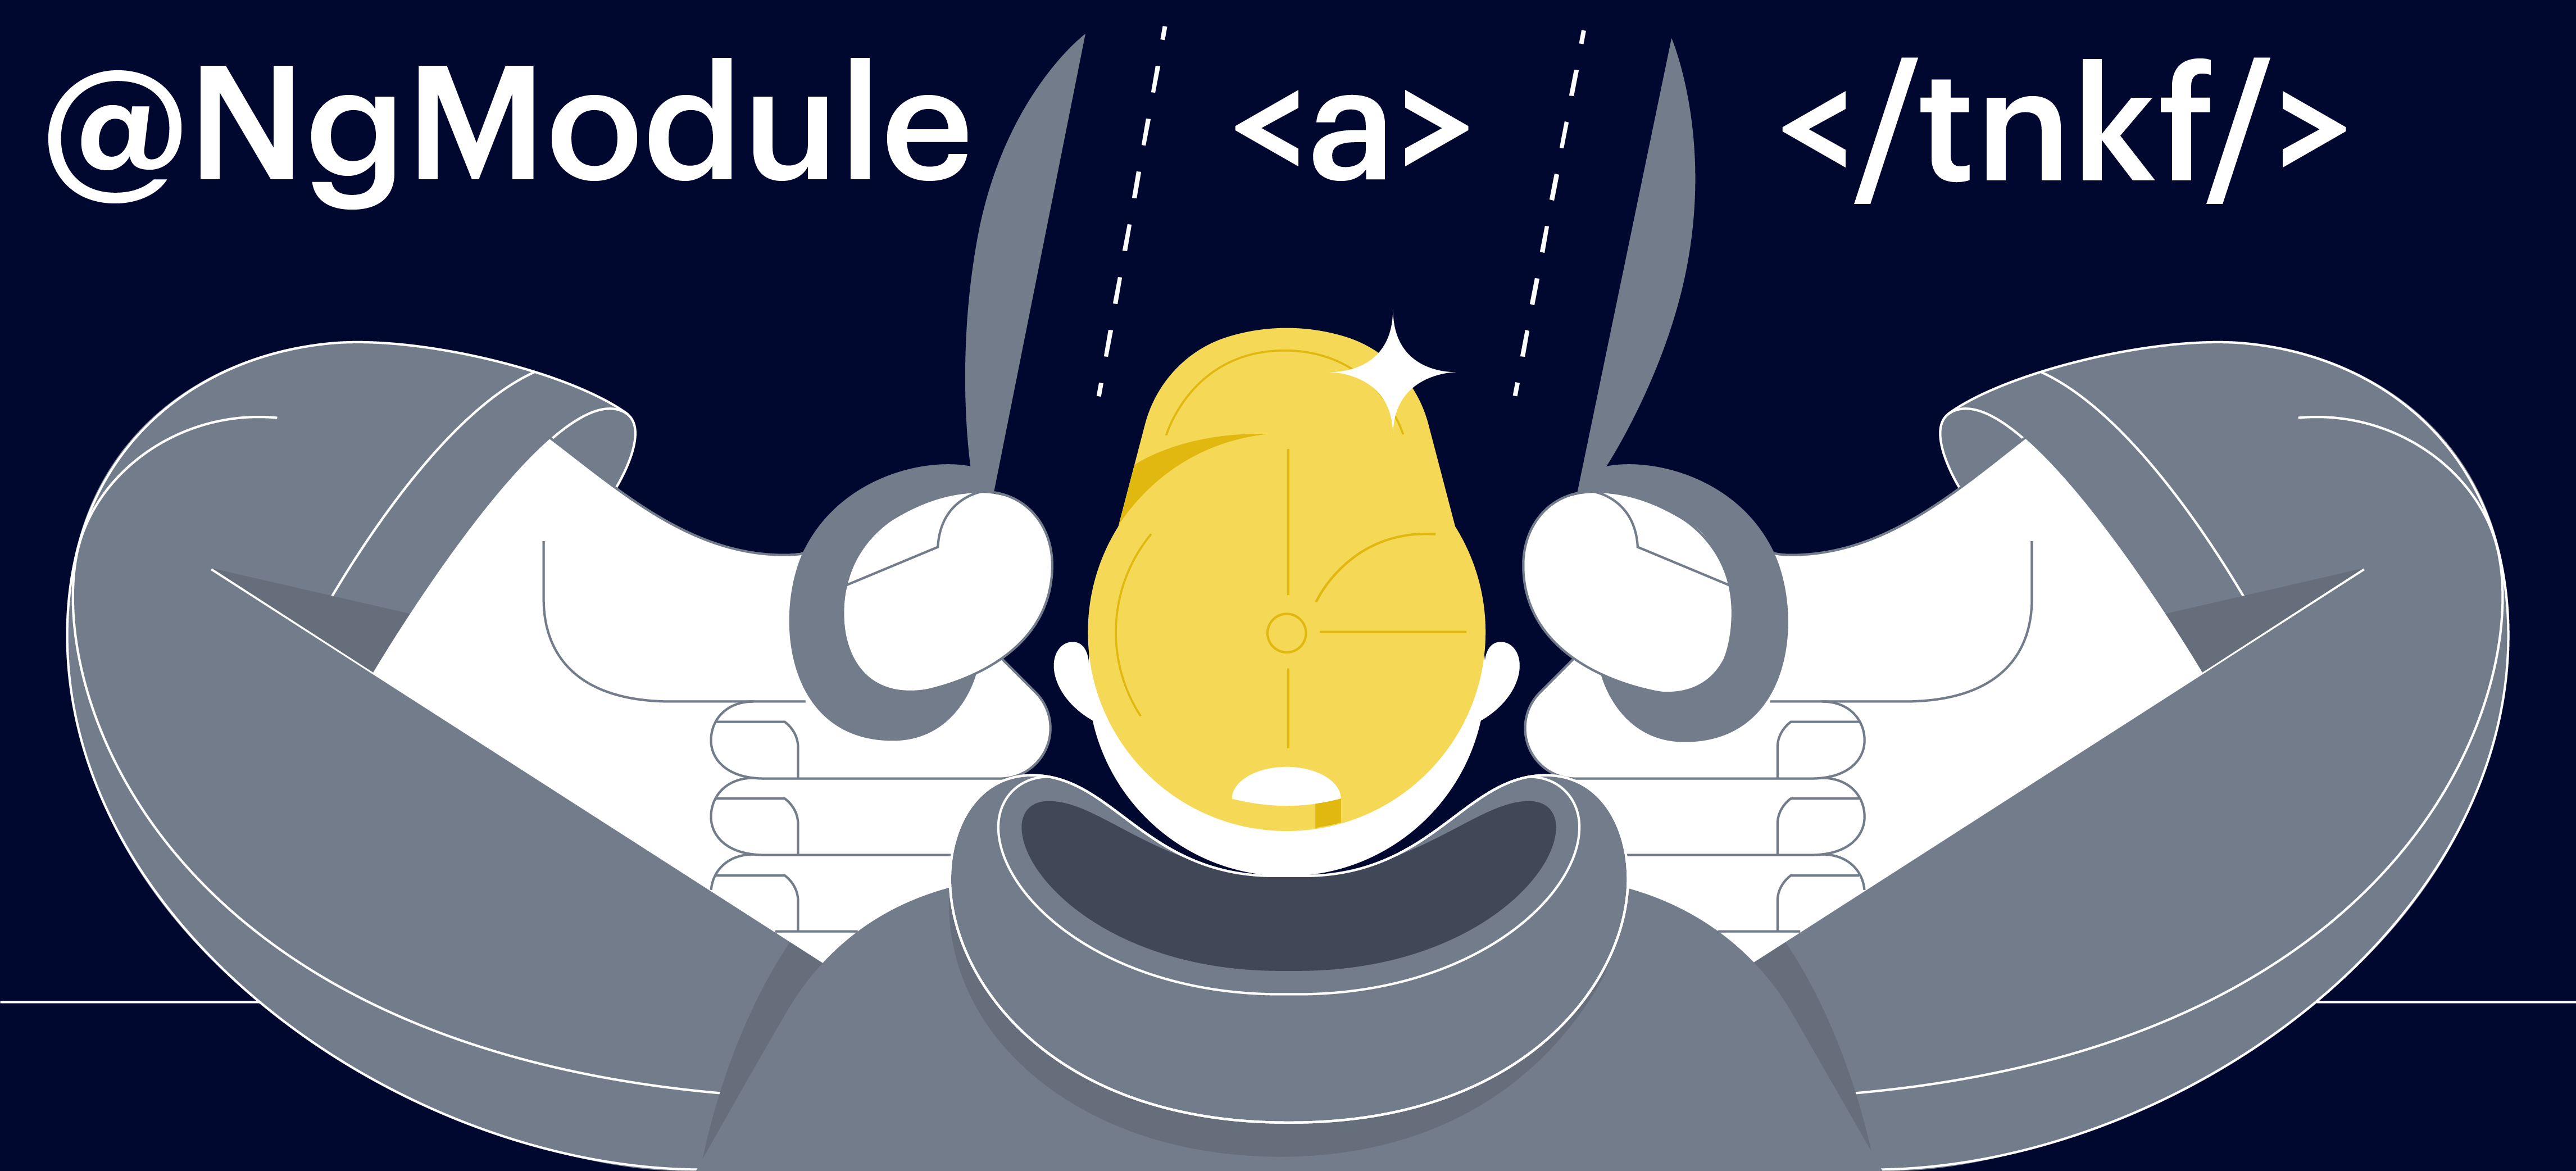 [Из песочницы] Подходы к управлению модулями в Angular (и не только)